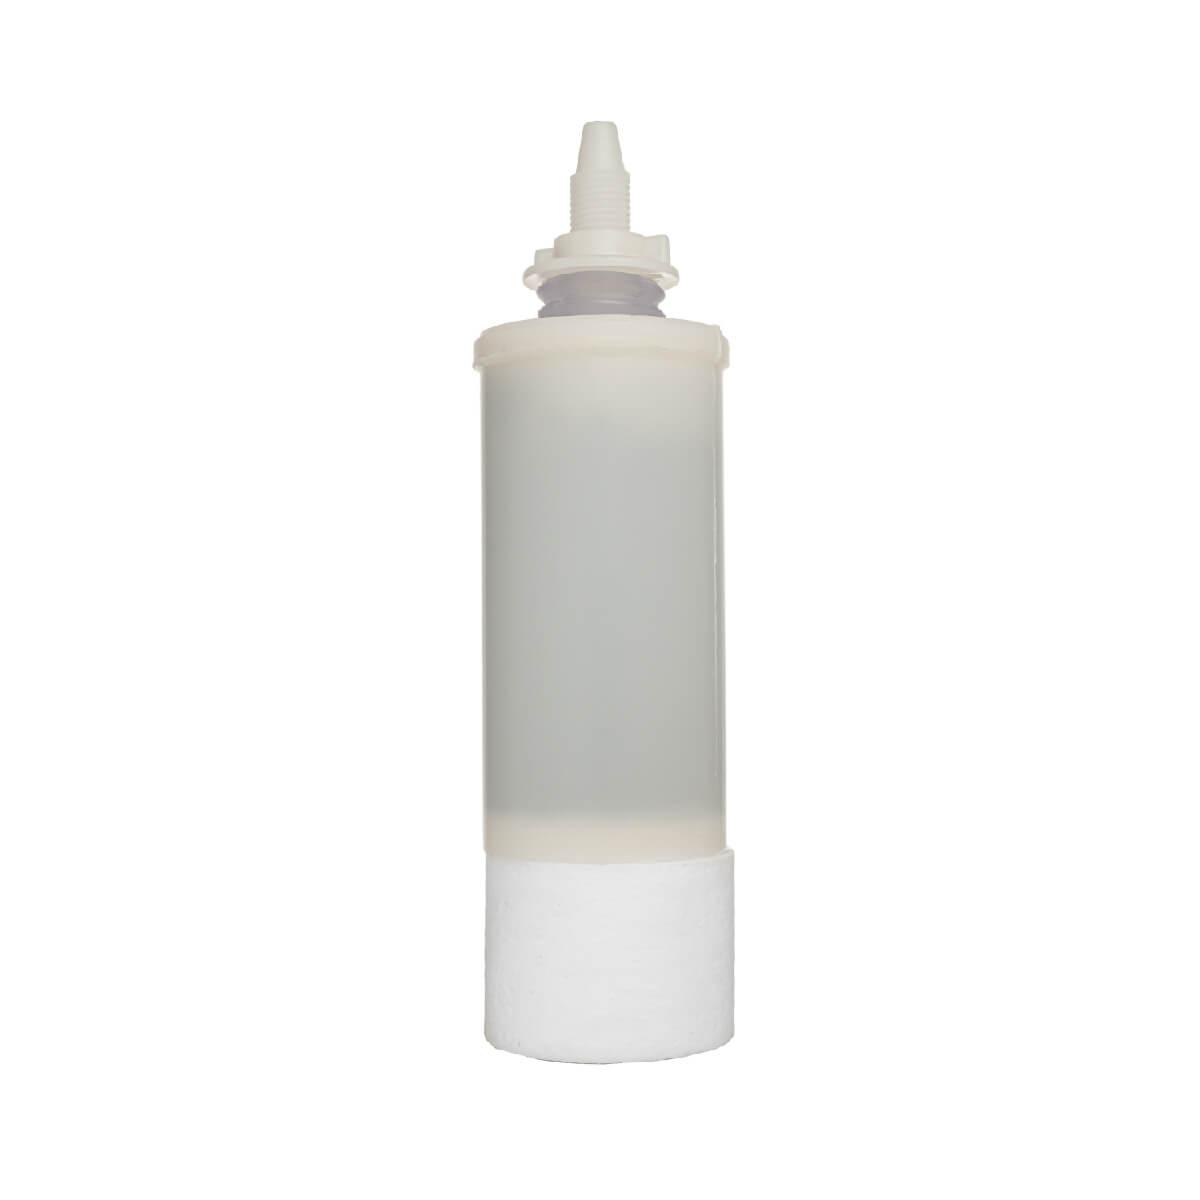 Refil Goiana Longo de alta e baixa pressão para filtros de pressão, torneira e talha